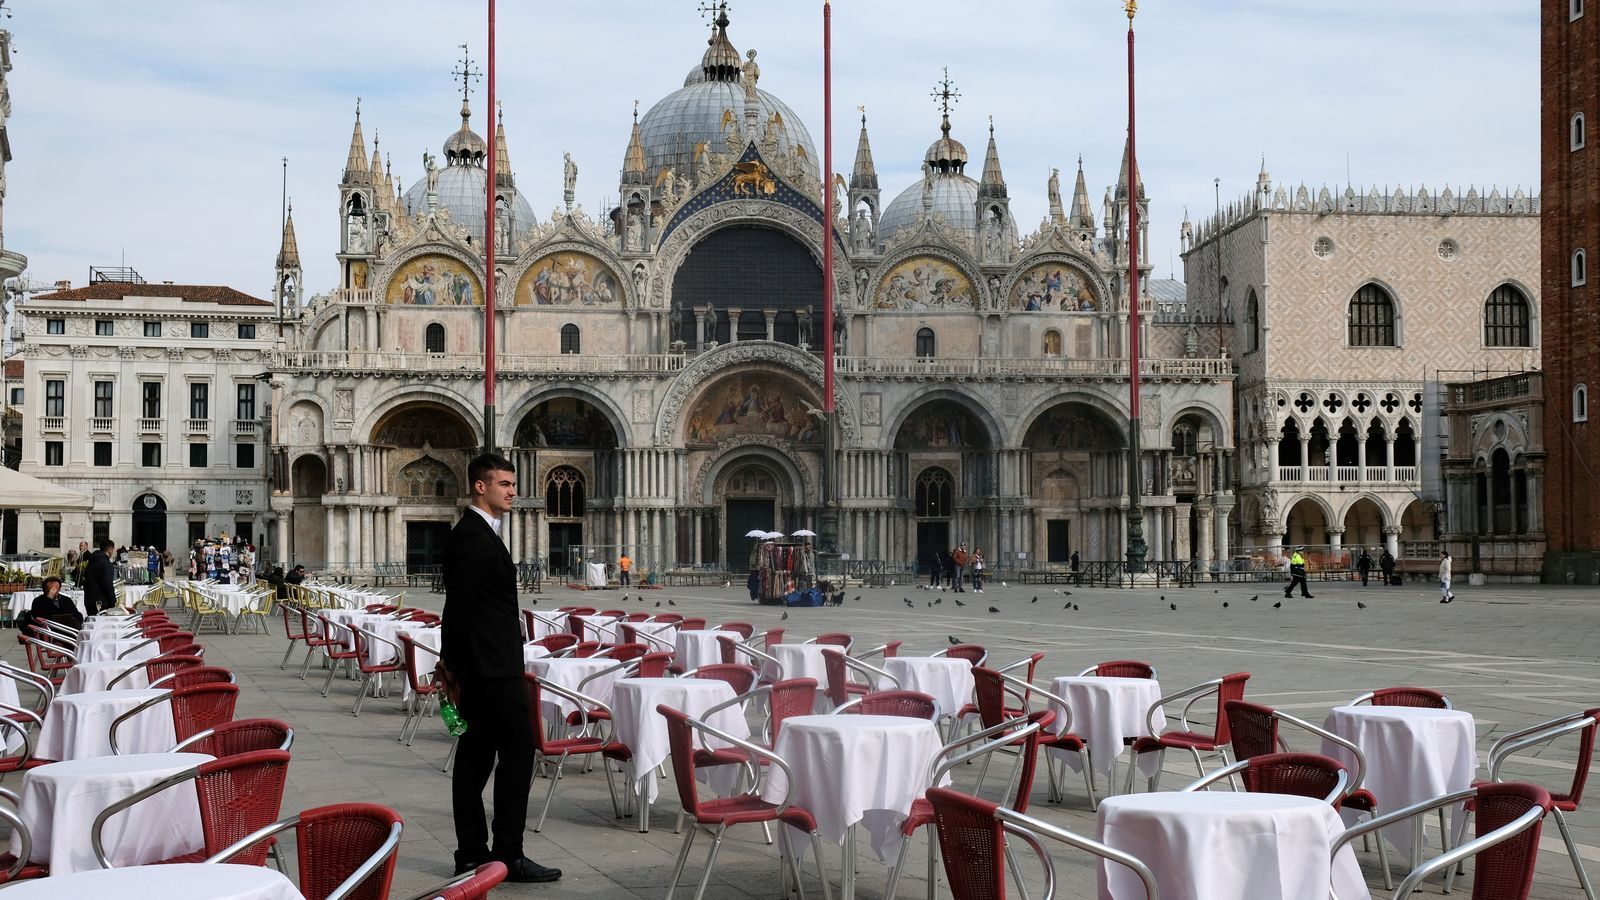 Un restaurant sense clients a la plaça de Sant Marc  de Venècia